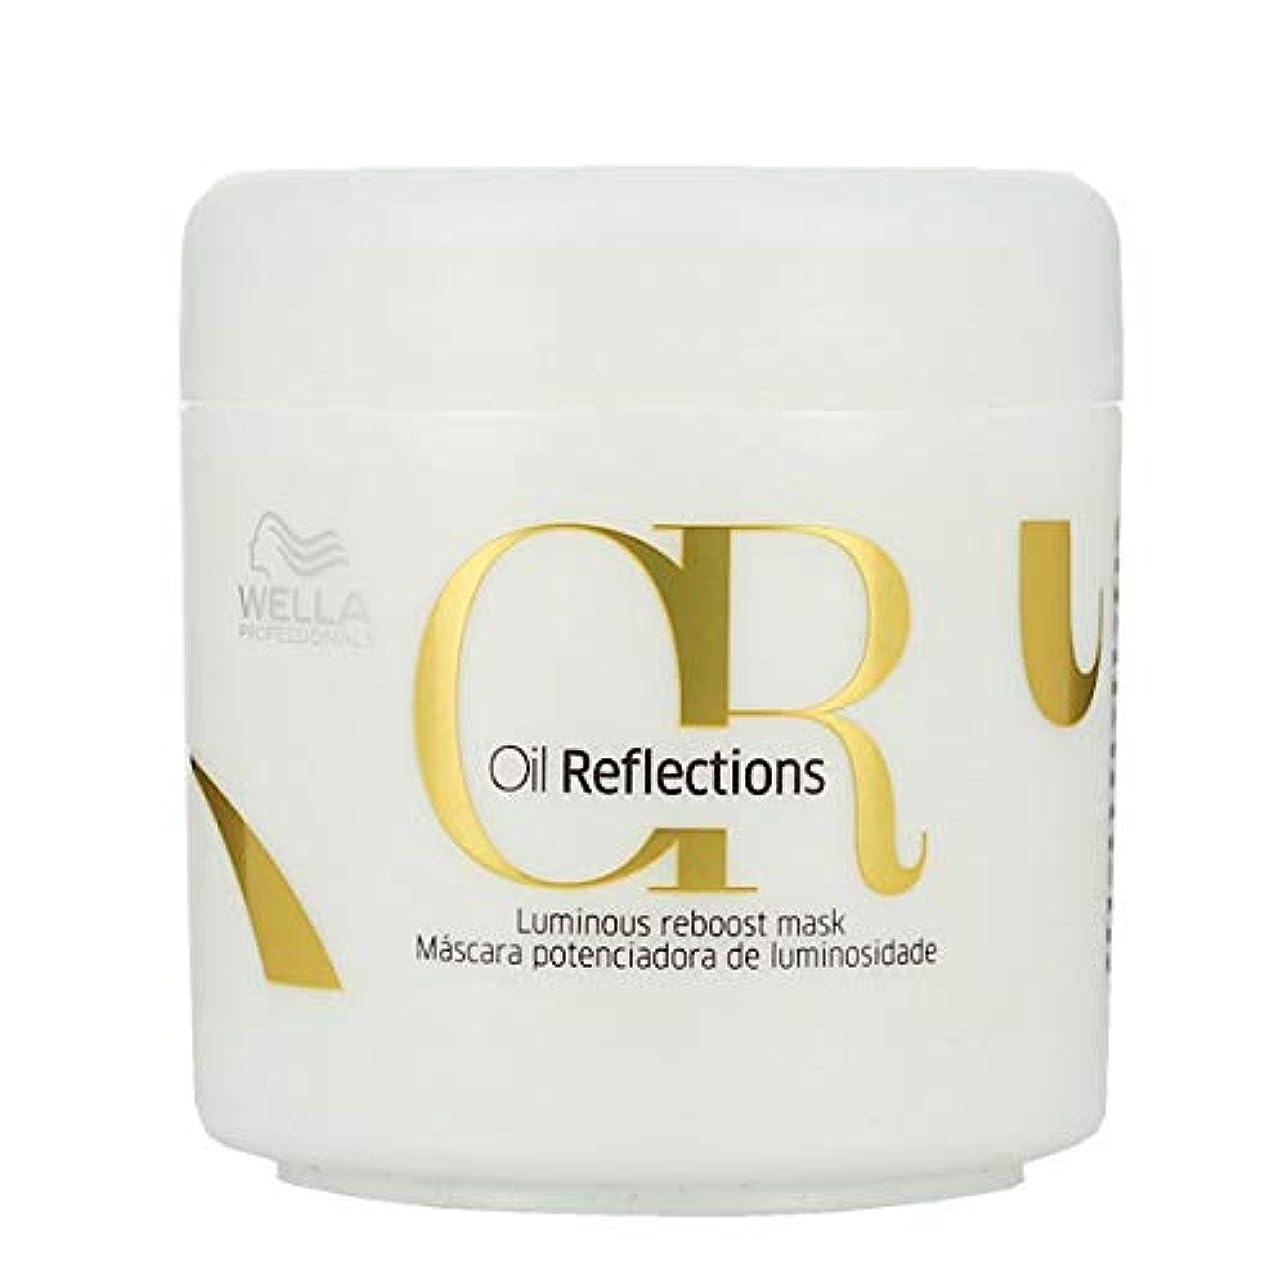 キャンペーン調査物理的なWella Professionals Oil Reflections Luminous Reboost Mask ウエラ オイルリフレクション マスク 150 ml [並行輸入品]